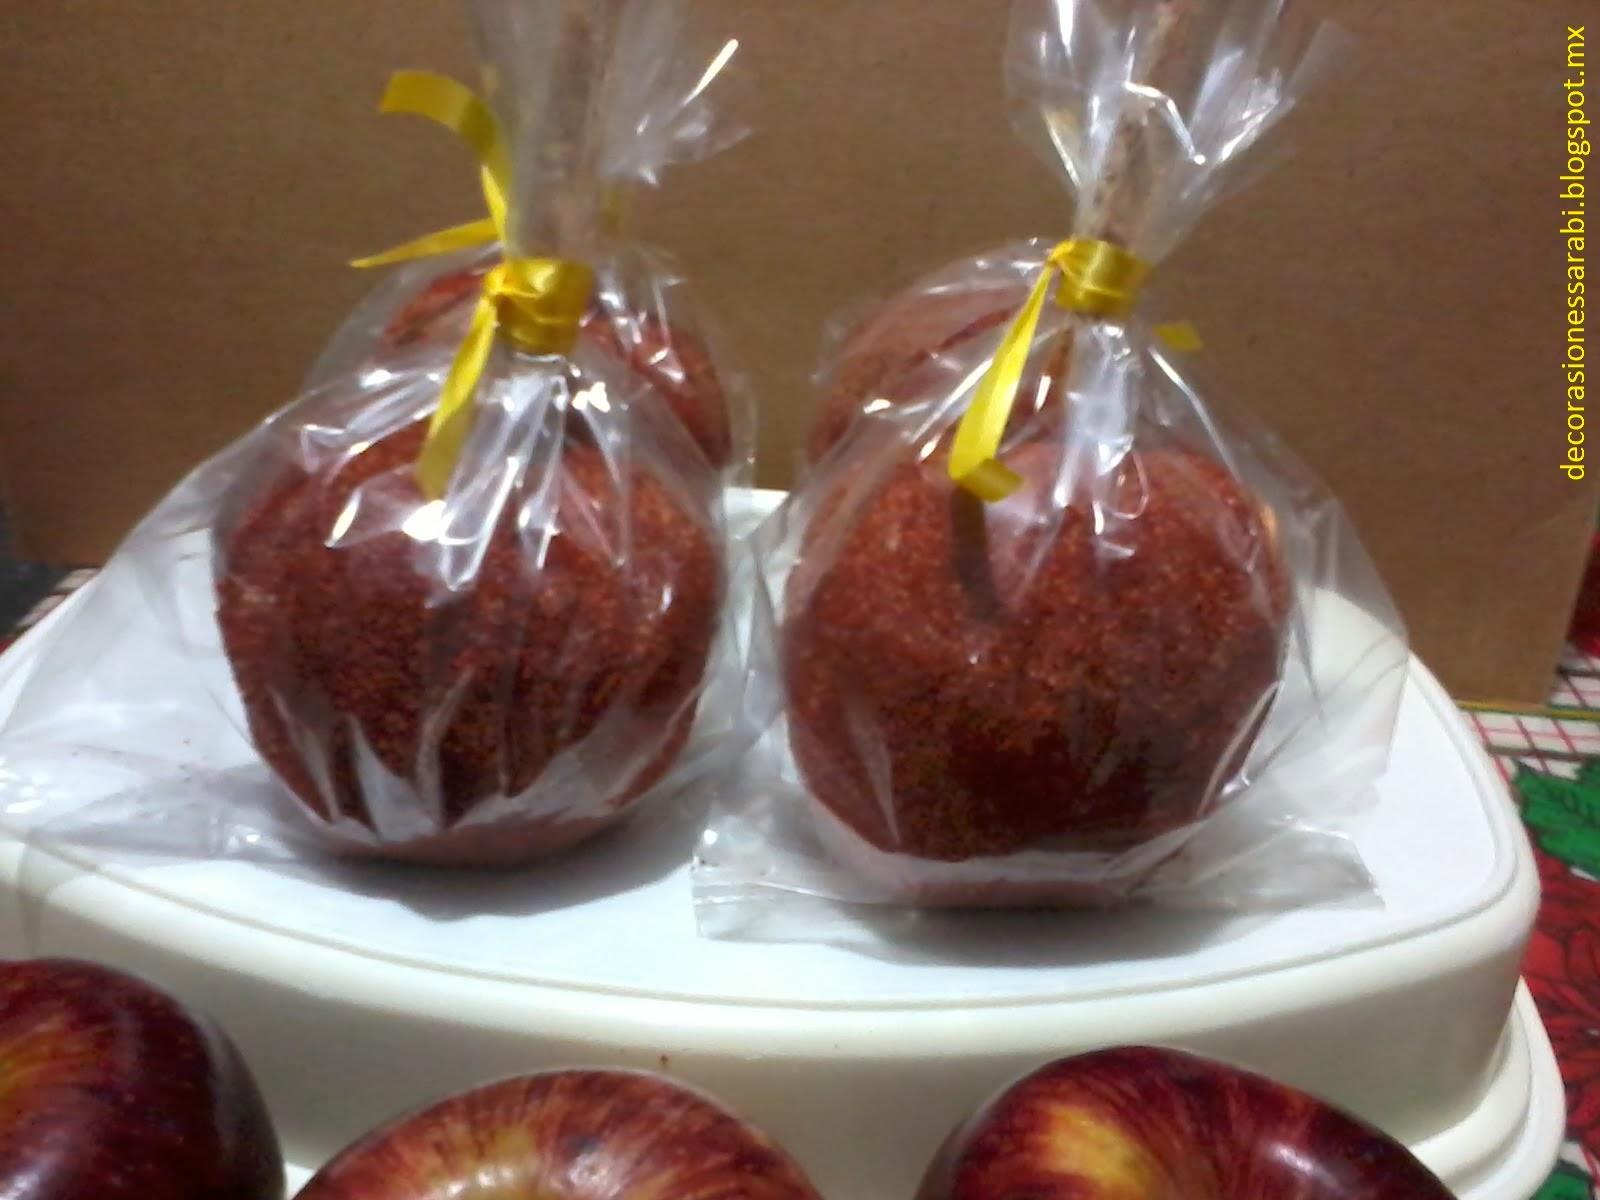 Arreglos decoraciones manualidades sarabi manzanas for Tipos de encielados